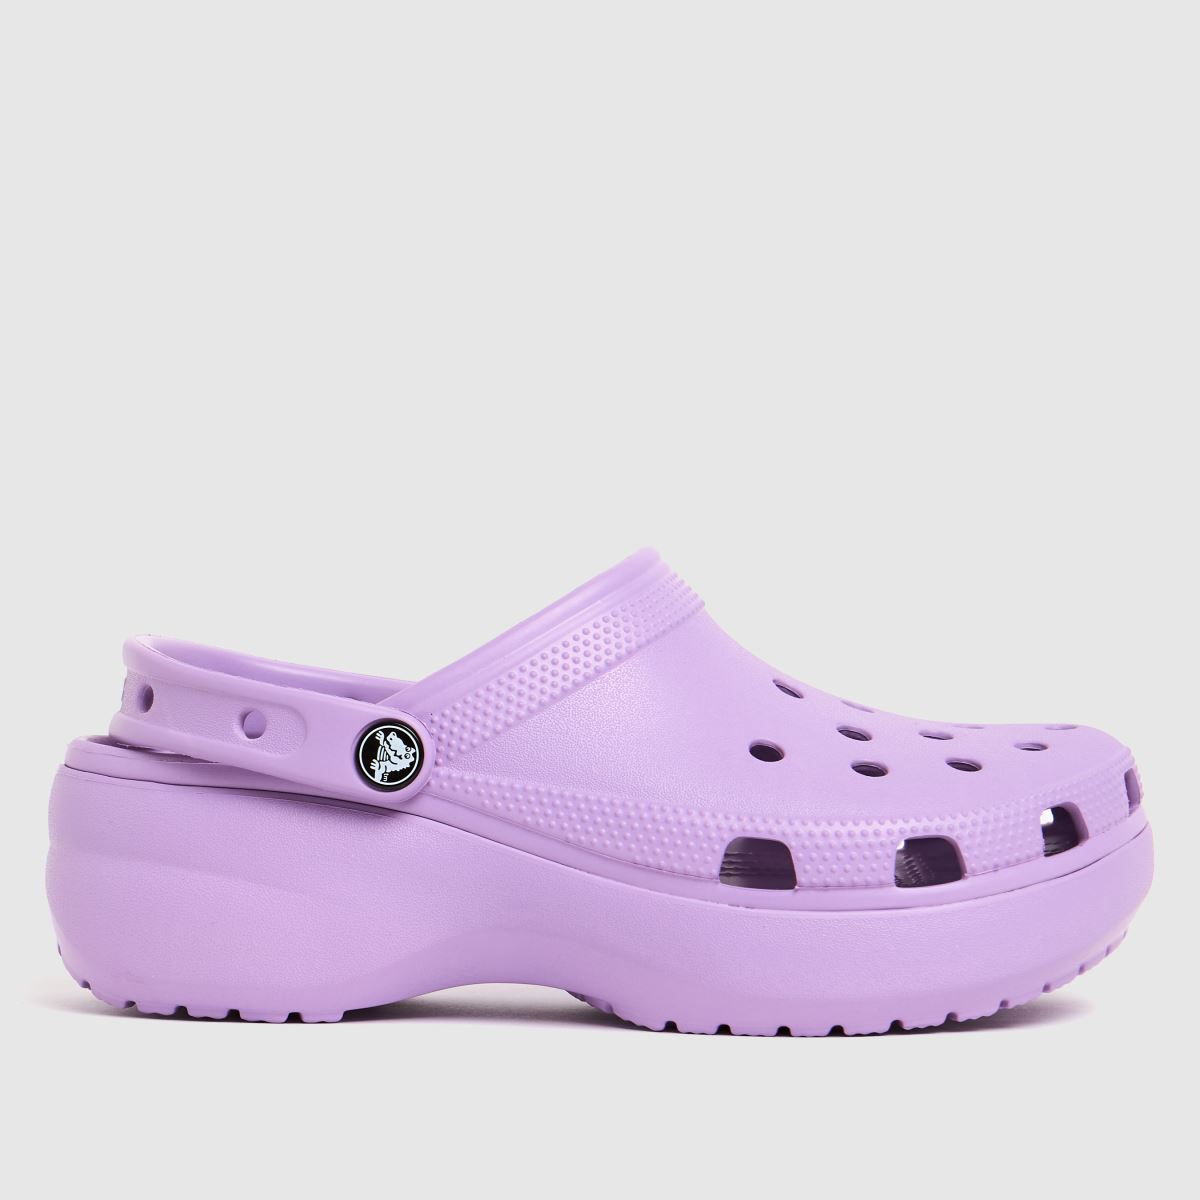 Crocs Lilac Classic Platform Sandals